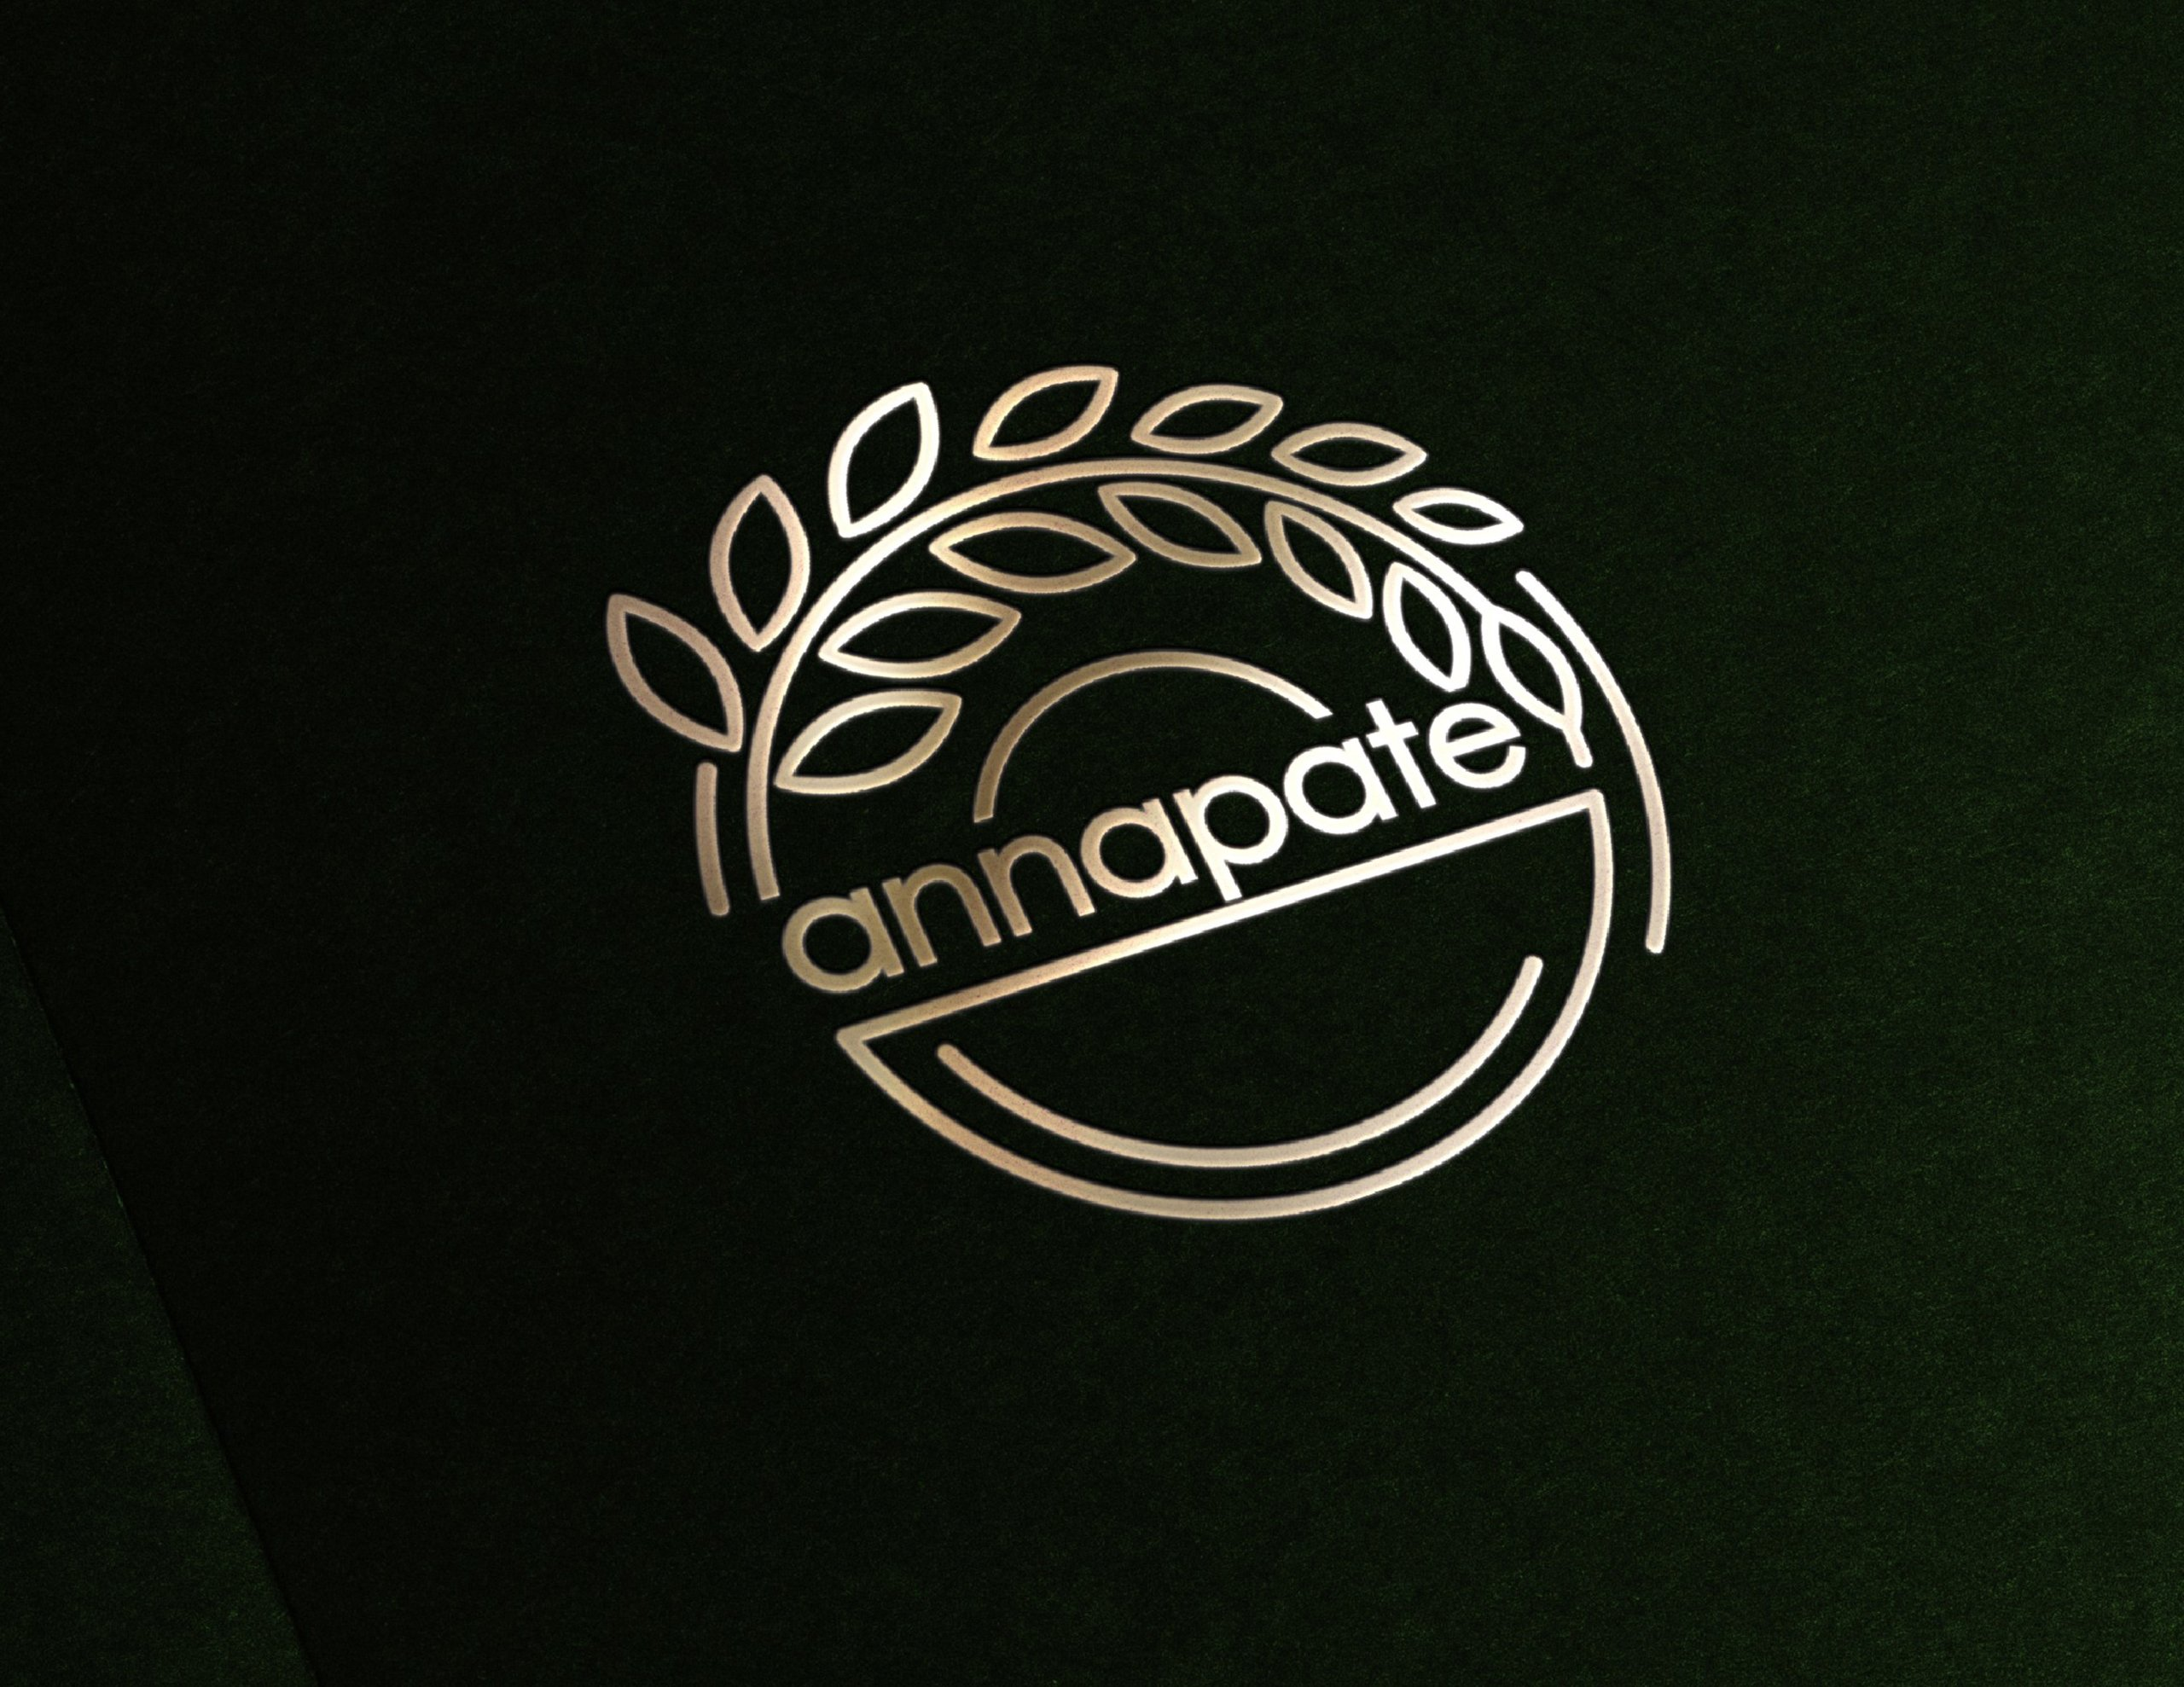 Annapate logo